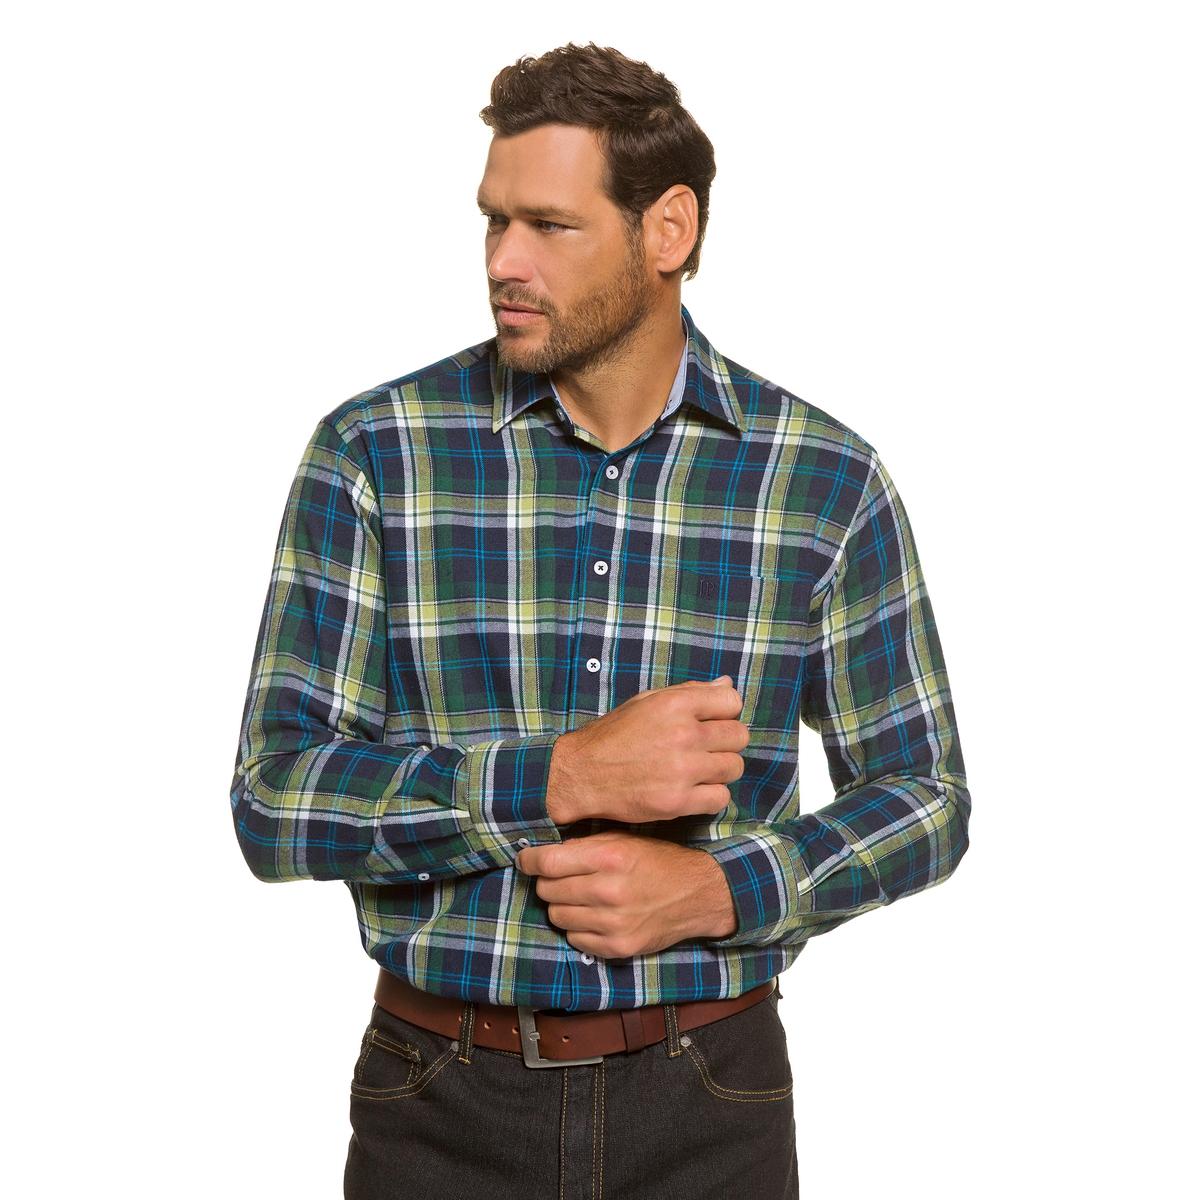 РубашкаРубашка из фланели в клетку, с длинными рукавами JP1880. 100% хлопка.Воротник Kent и нагрудный карман . Удобный покрой. Длина в зависимости от размера ок. 82-96 см.<br><br>Цвет: в клетку<br>Размер: 5XL